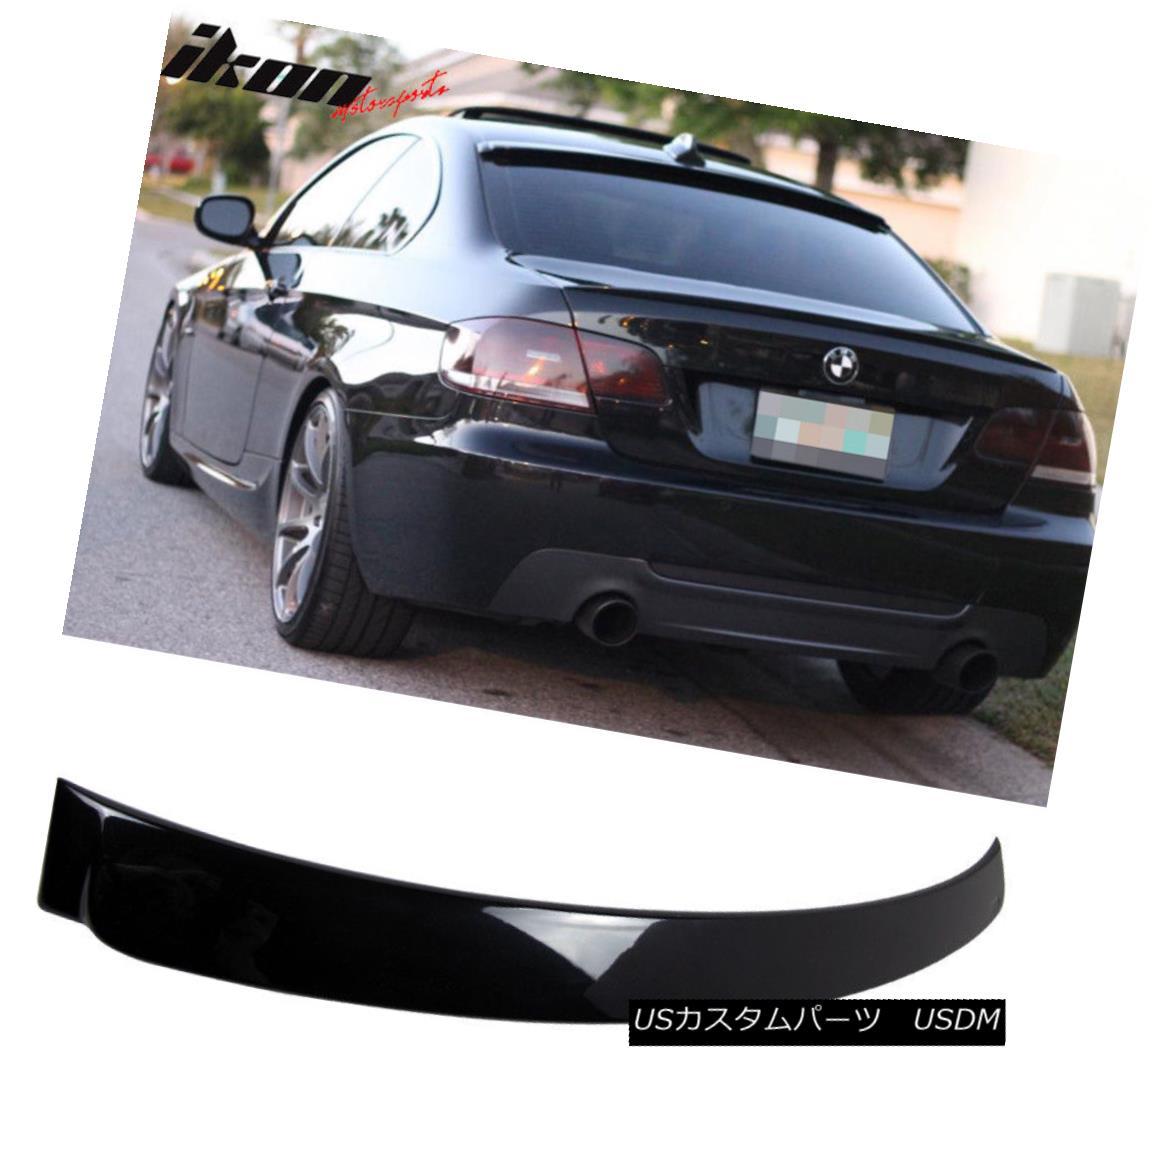 エアロパーツ 07-13 E92 3 Series ABS Rear Roof Spoiler Painted Black Sapphire Metallic # 475 07-13 E92 3シリーズABSフロントルーフスポイラーペイントブラックサファイアメタリック#475